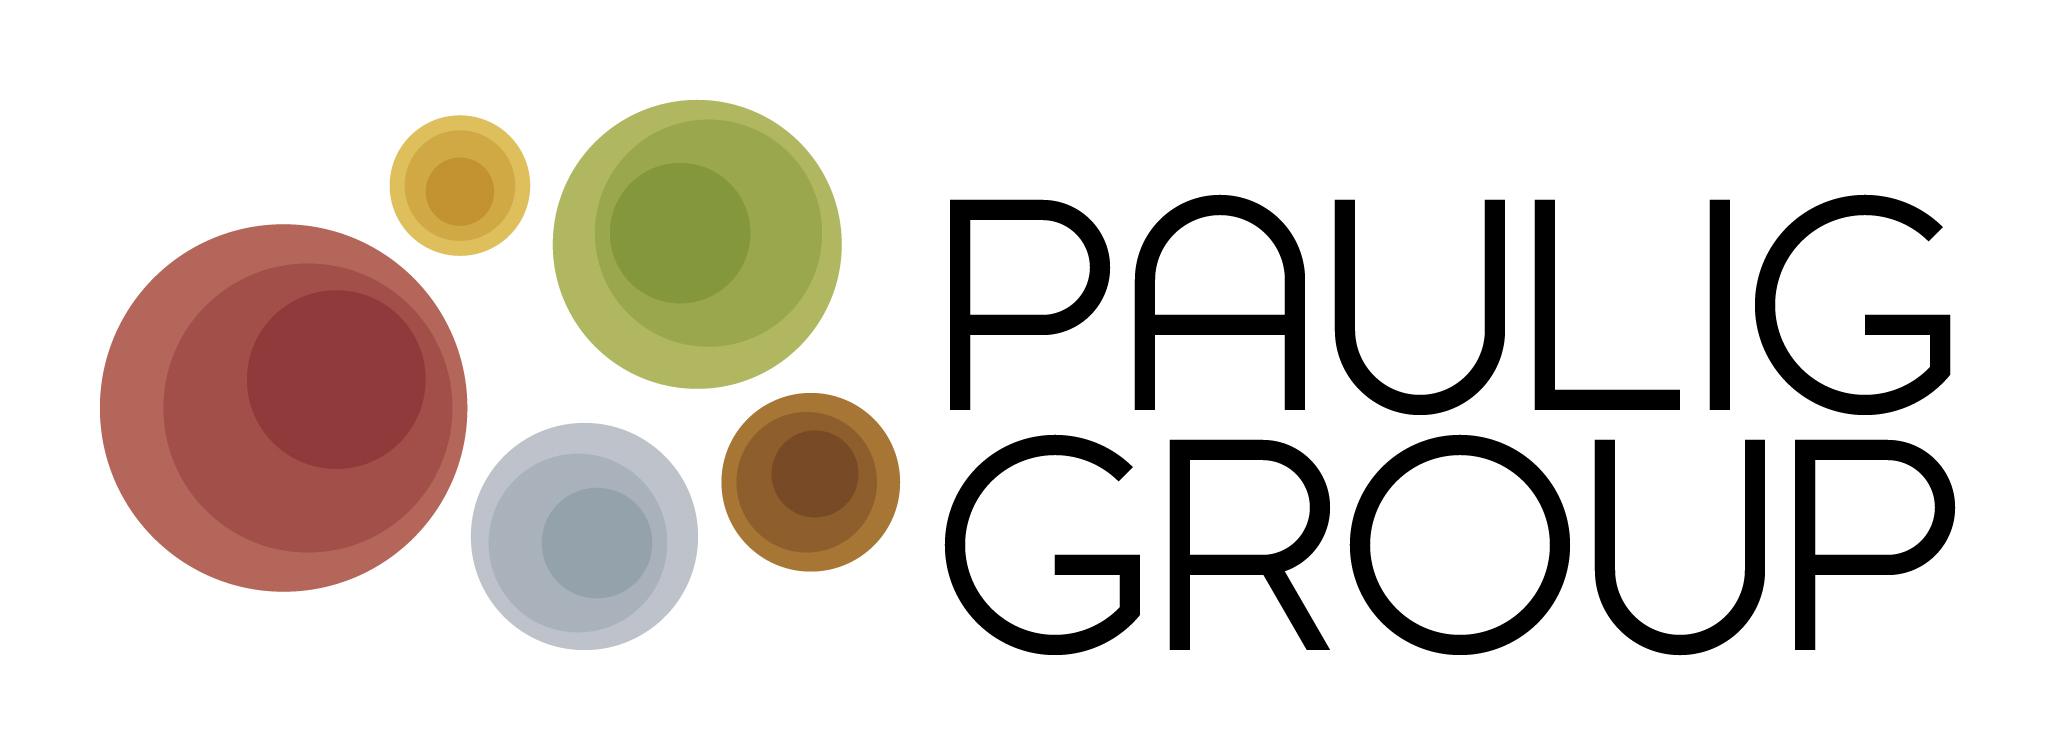 pauliggroup